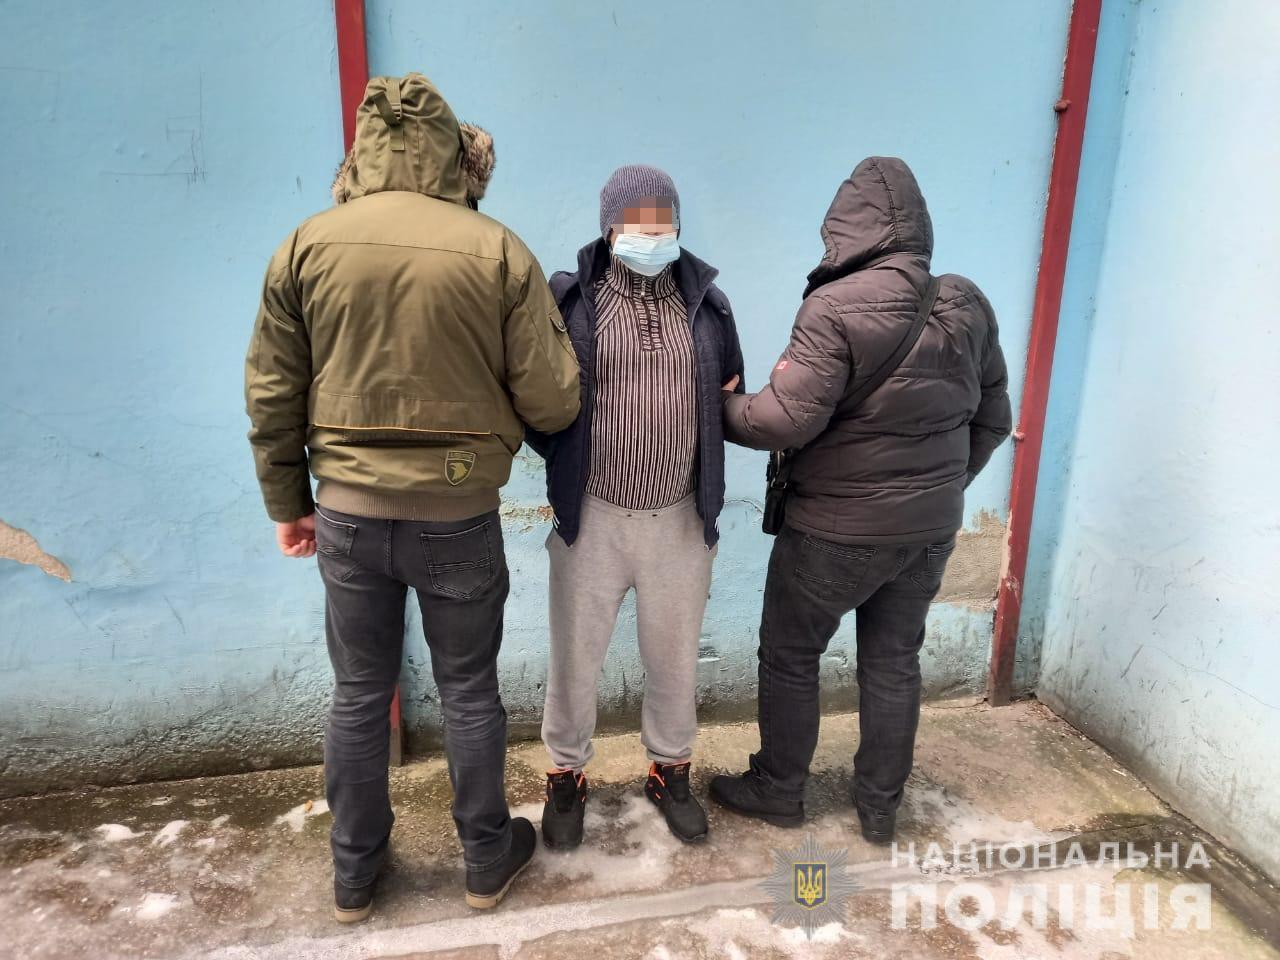 Закарпатця, що переховувався через хуліганство та грабіж, затримали на Київщині (ФОТО)